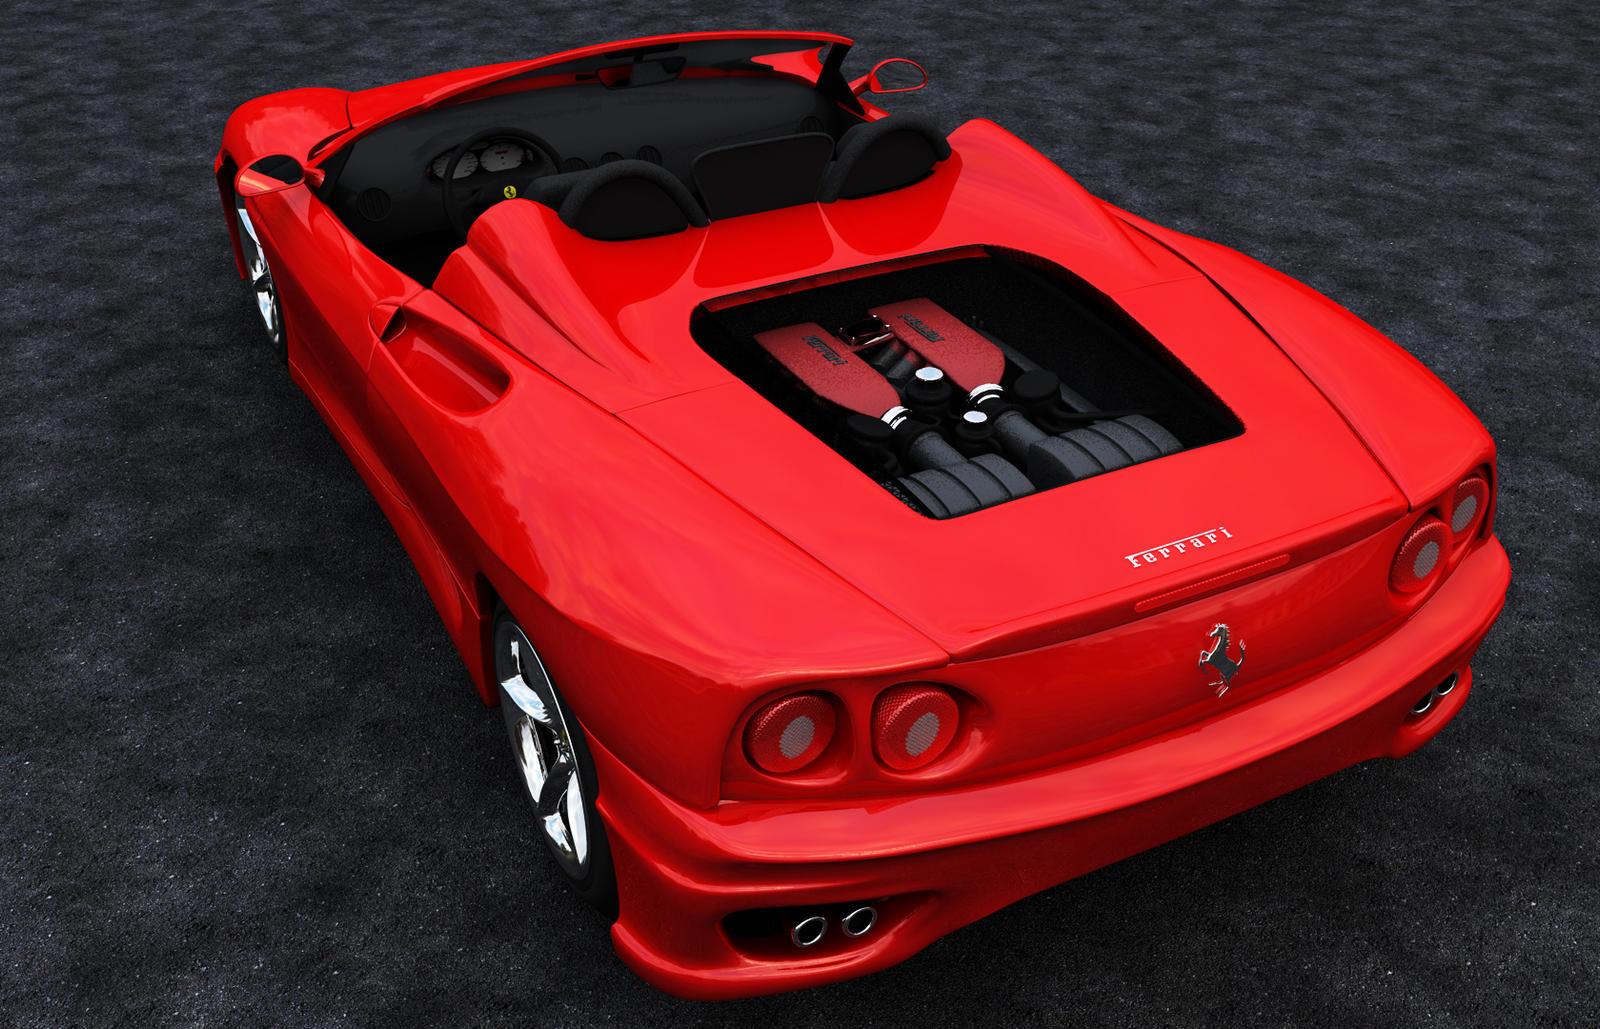 Ferrari F360 Spider back by